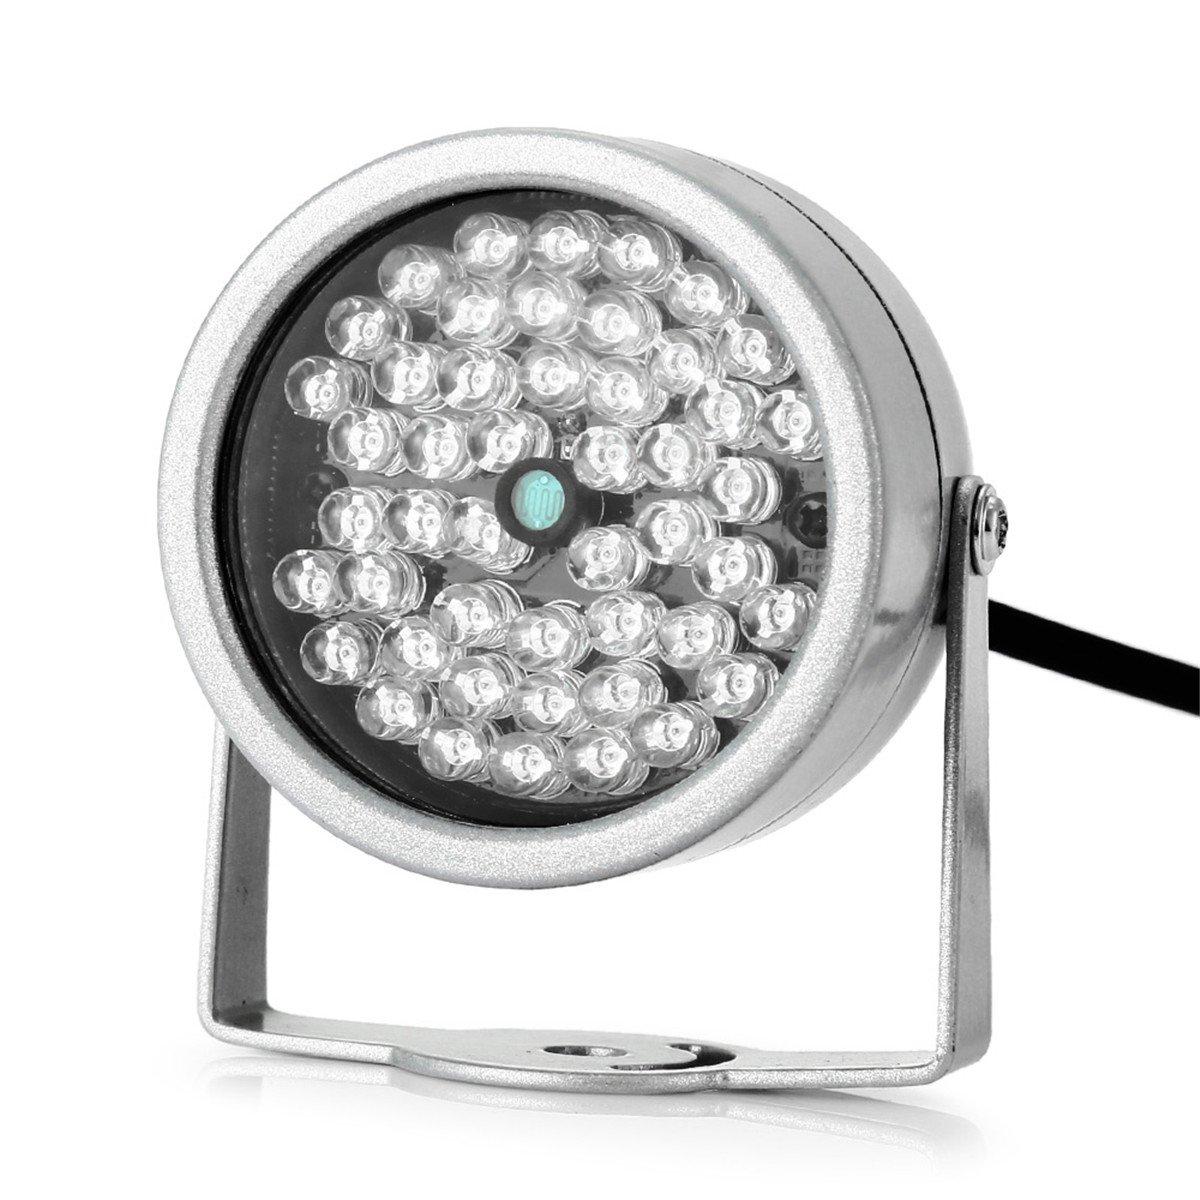 AVOLUTION LED 12V Night Vision Infrared Illuminator Light Fill Lamp Street Light